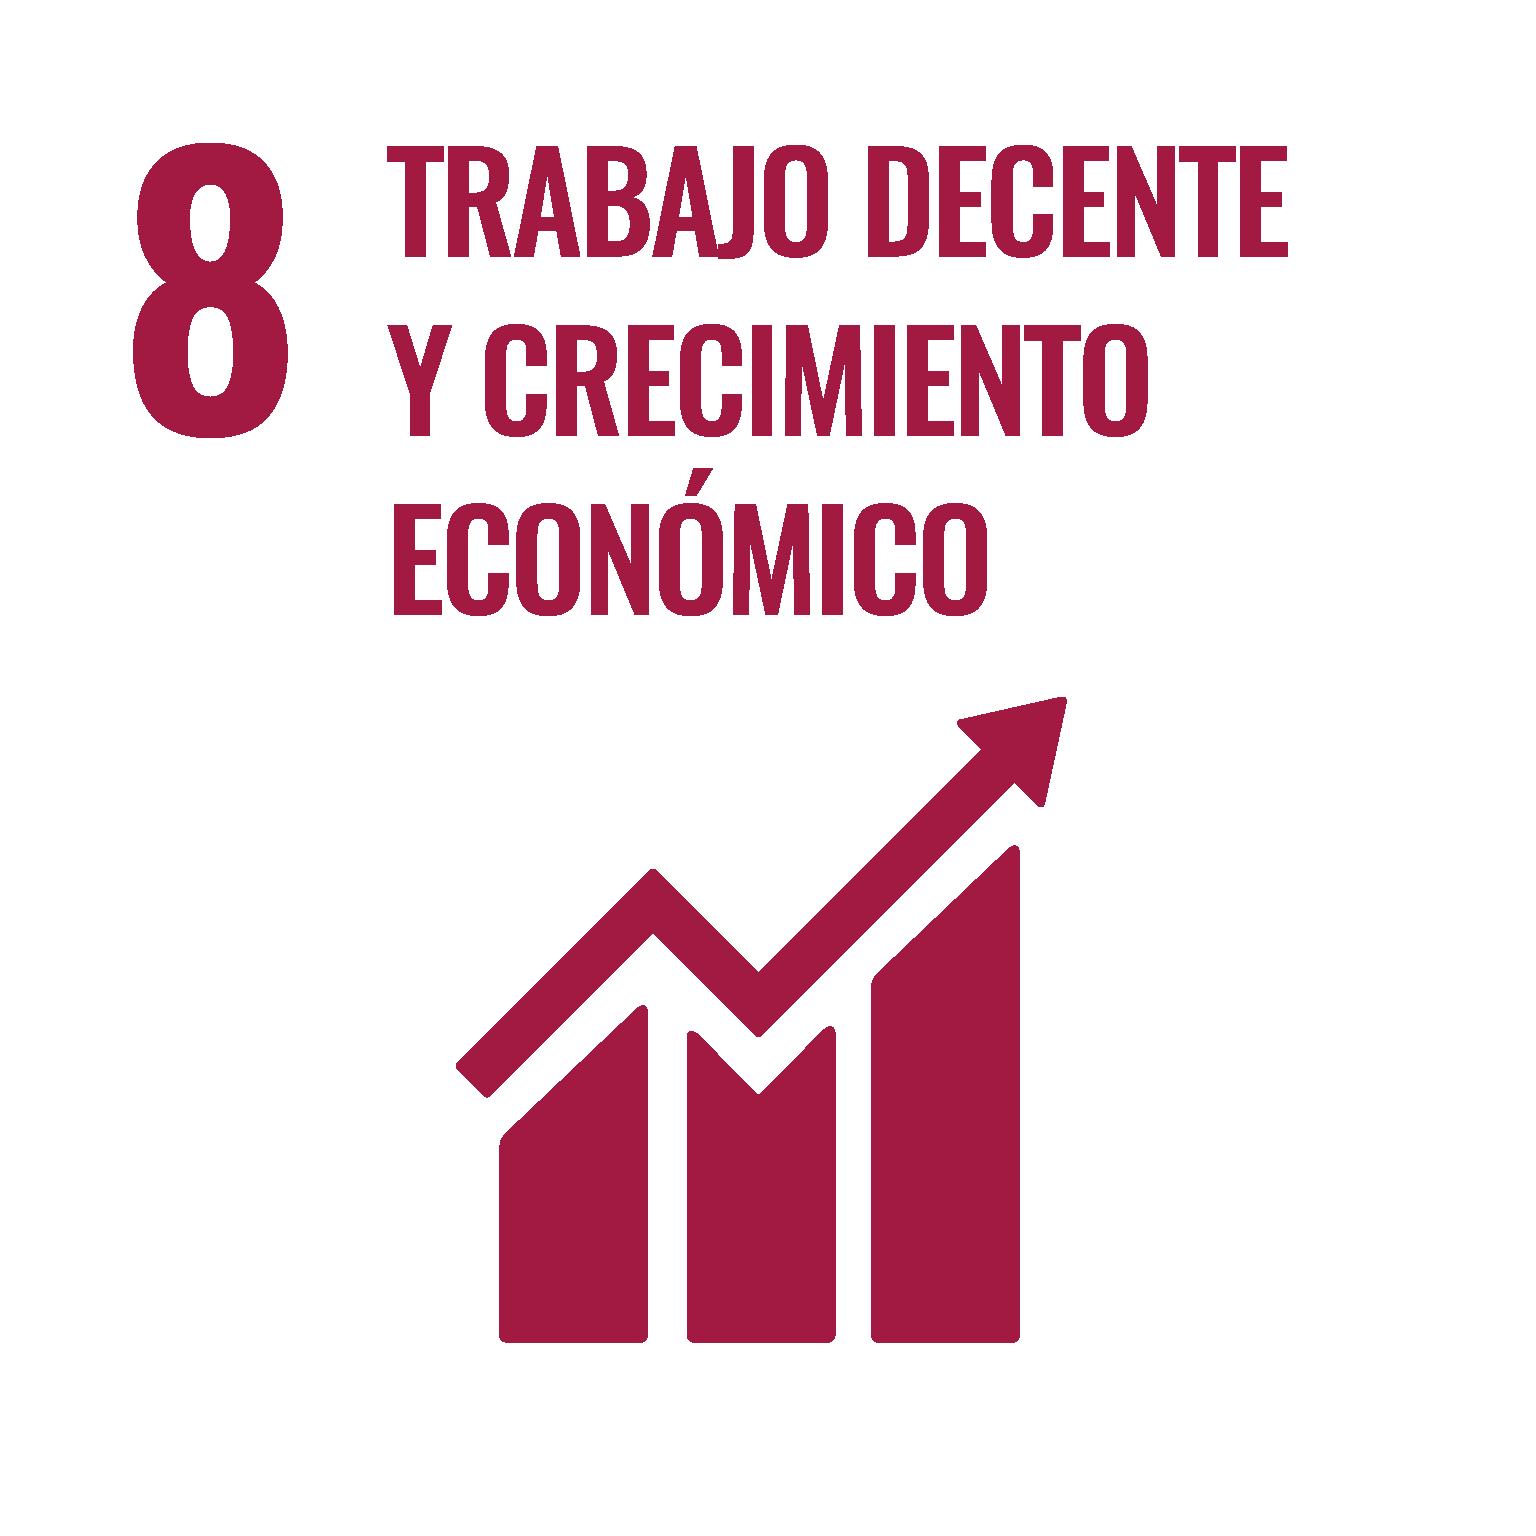 Objetivos onu trabajo decente y crecimiento económico